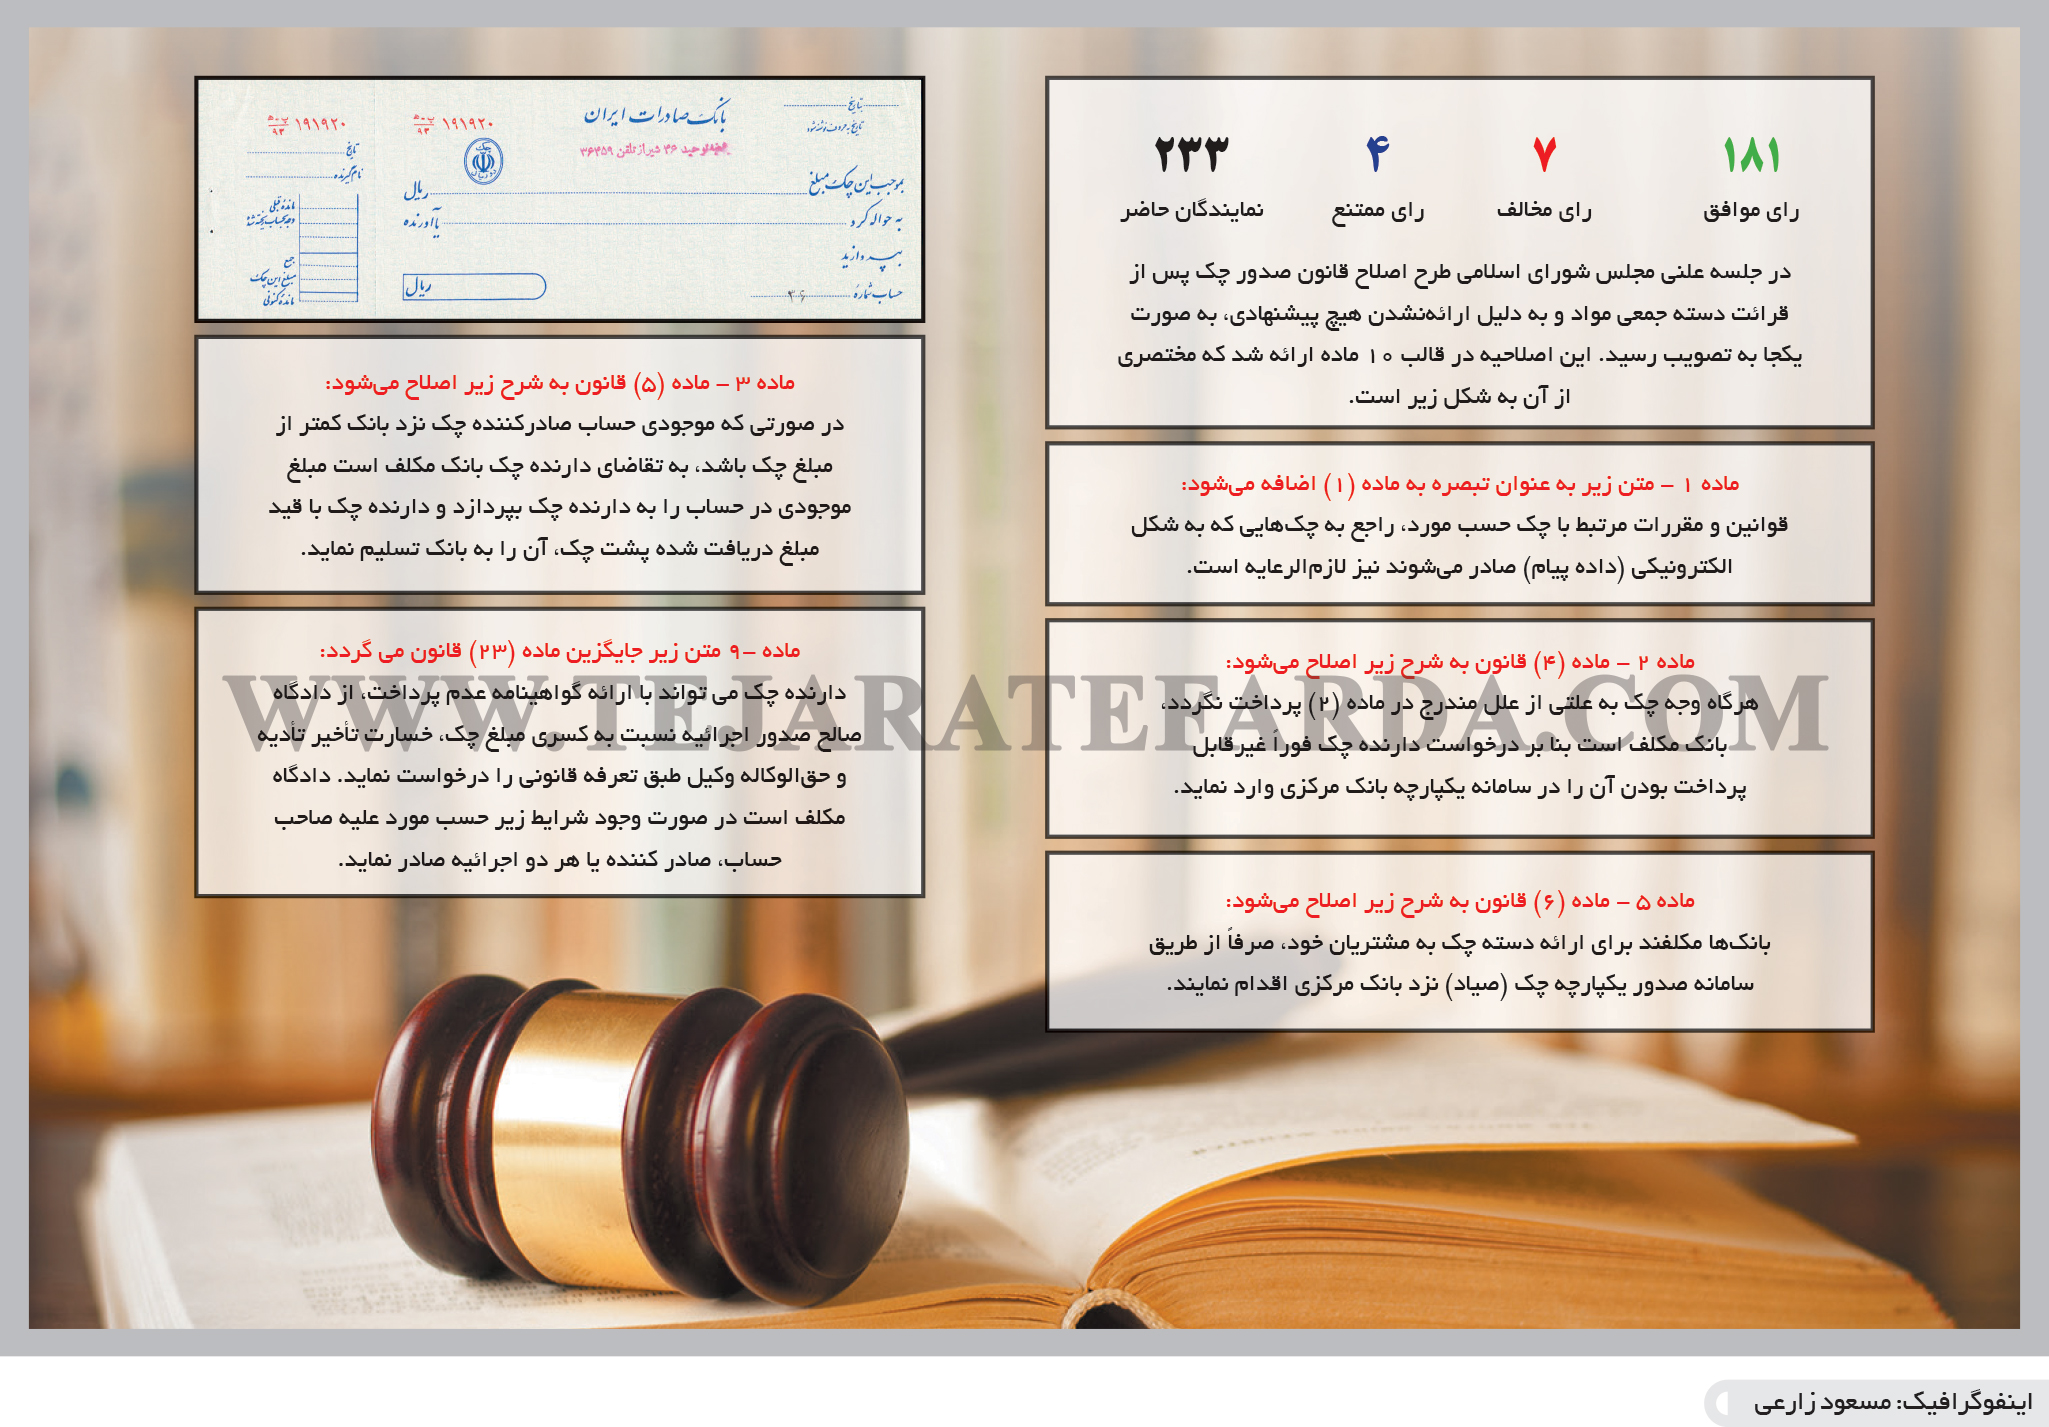 تجارت- فردا- قانون چک(اینفوگرافیک)